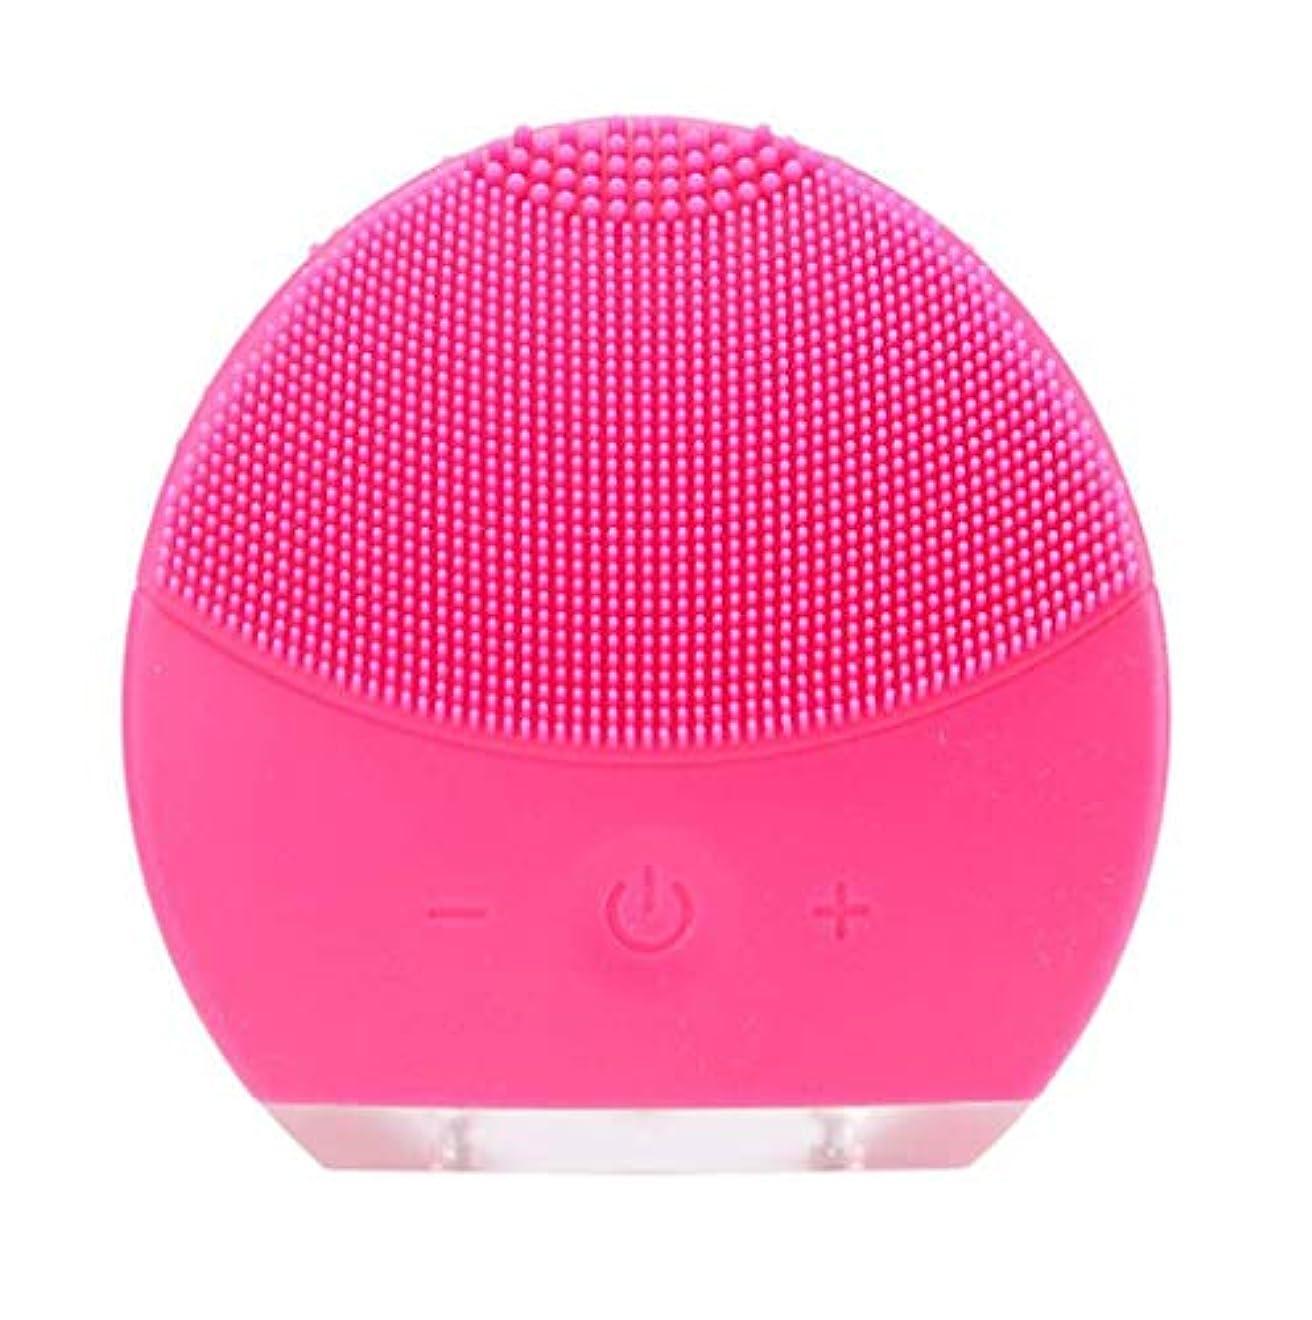 アンタゴニストレオナルドダスーツケース超音波振動美容機器洗浄器、皮膚の毛穴を最小限に抑えるマイクロダーマブレーション毛穴、USB 充電と防水,Rosered